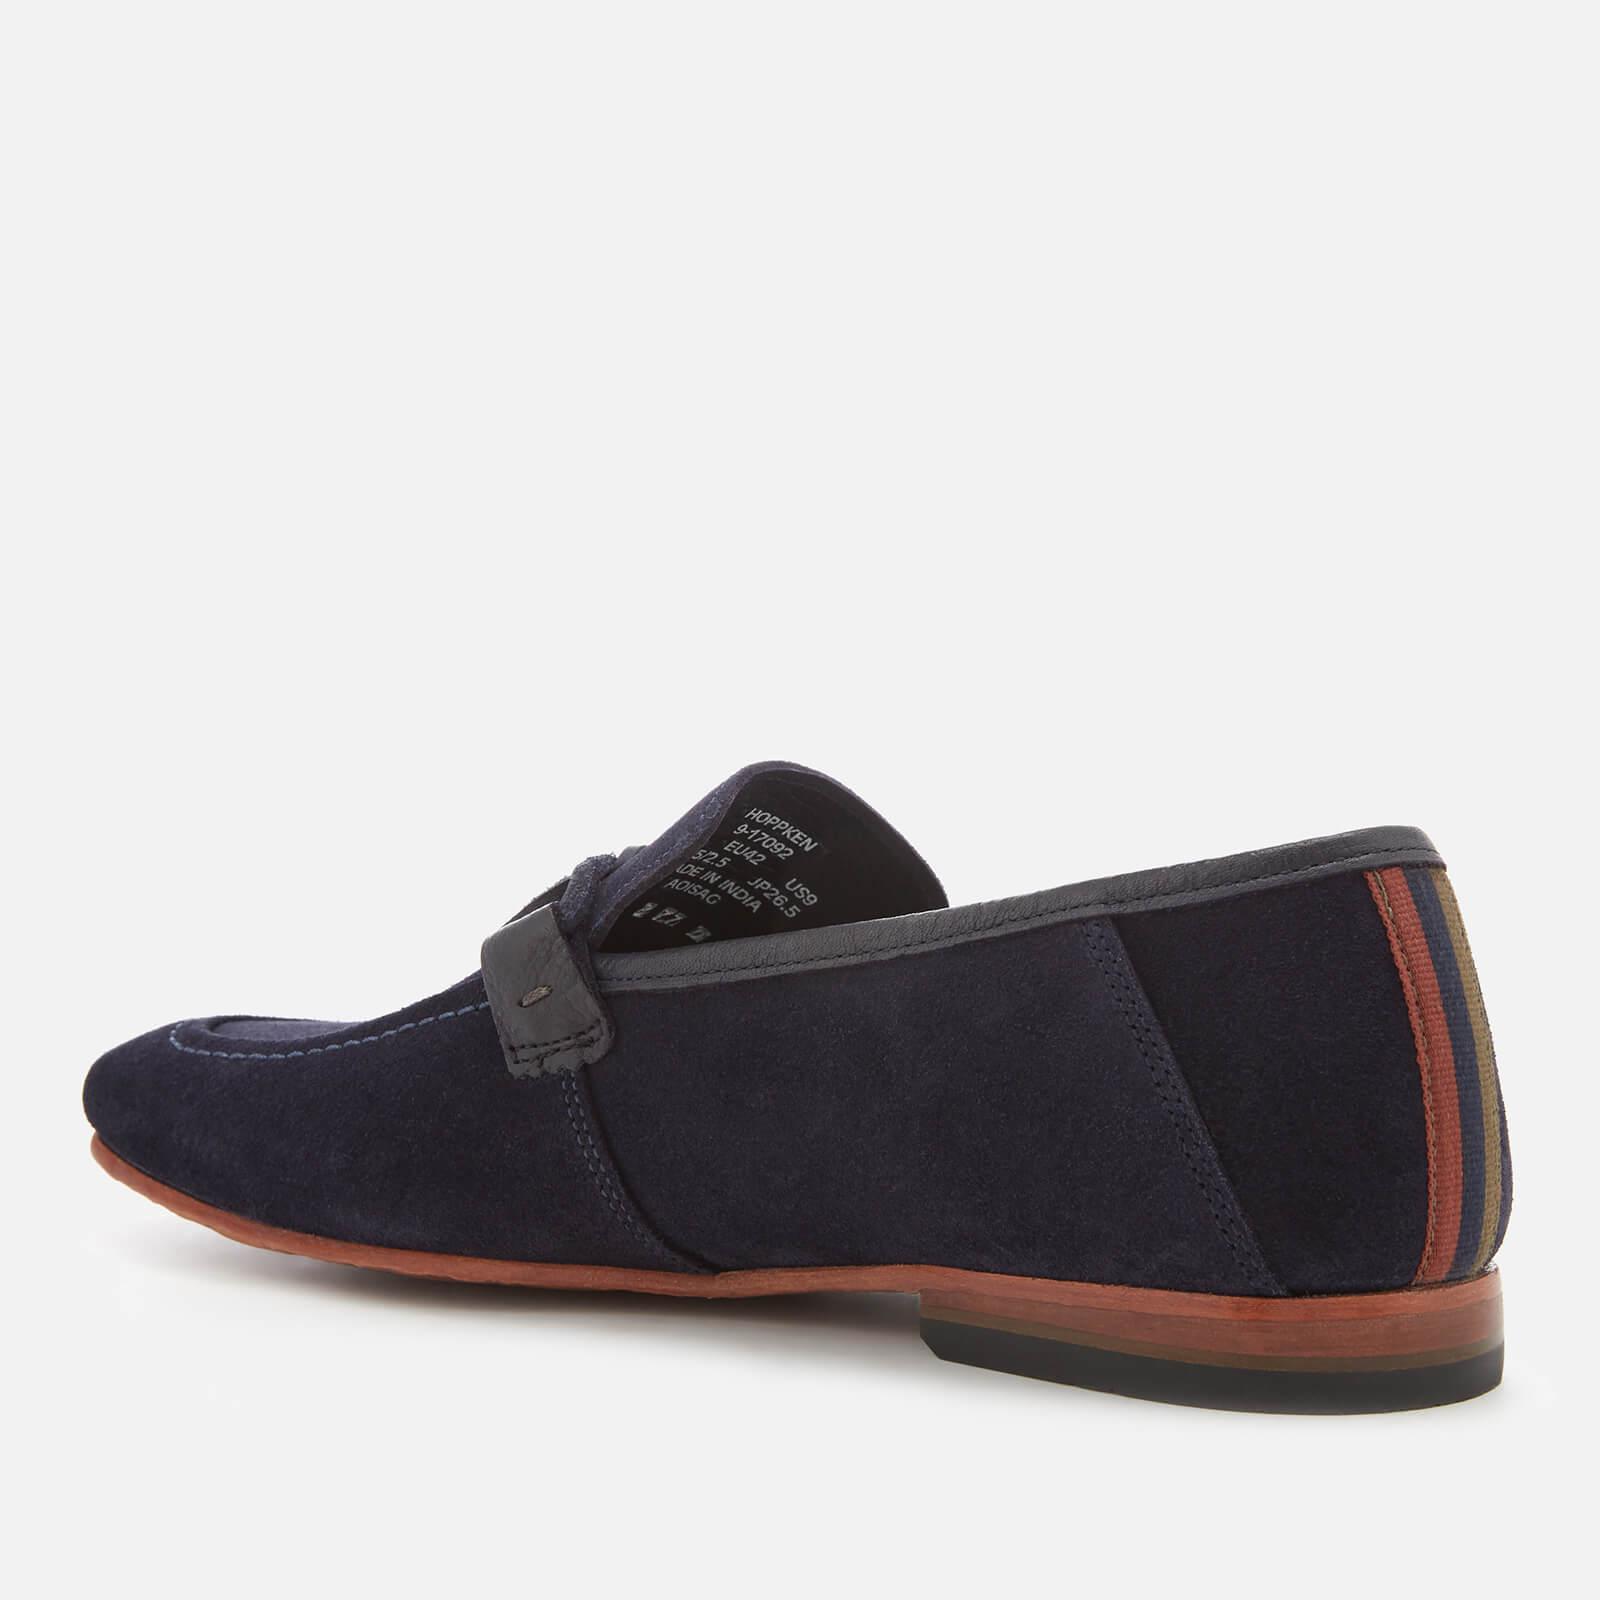 Ted Baker Hoppken Suede Loafers in Blue